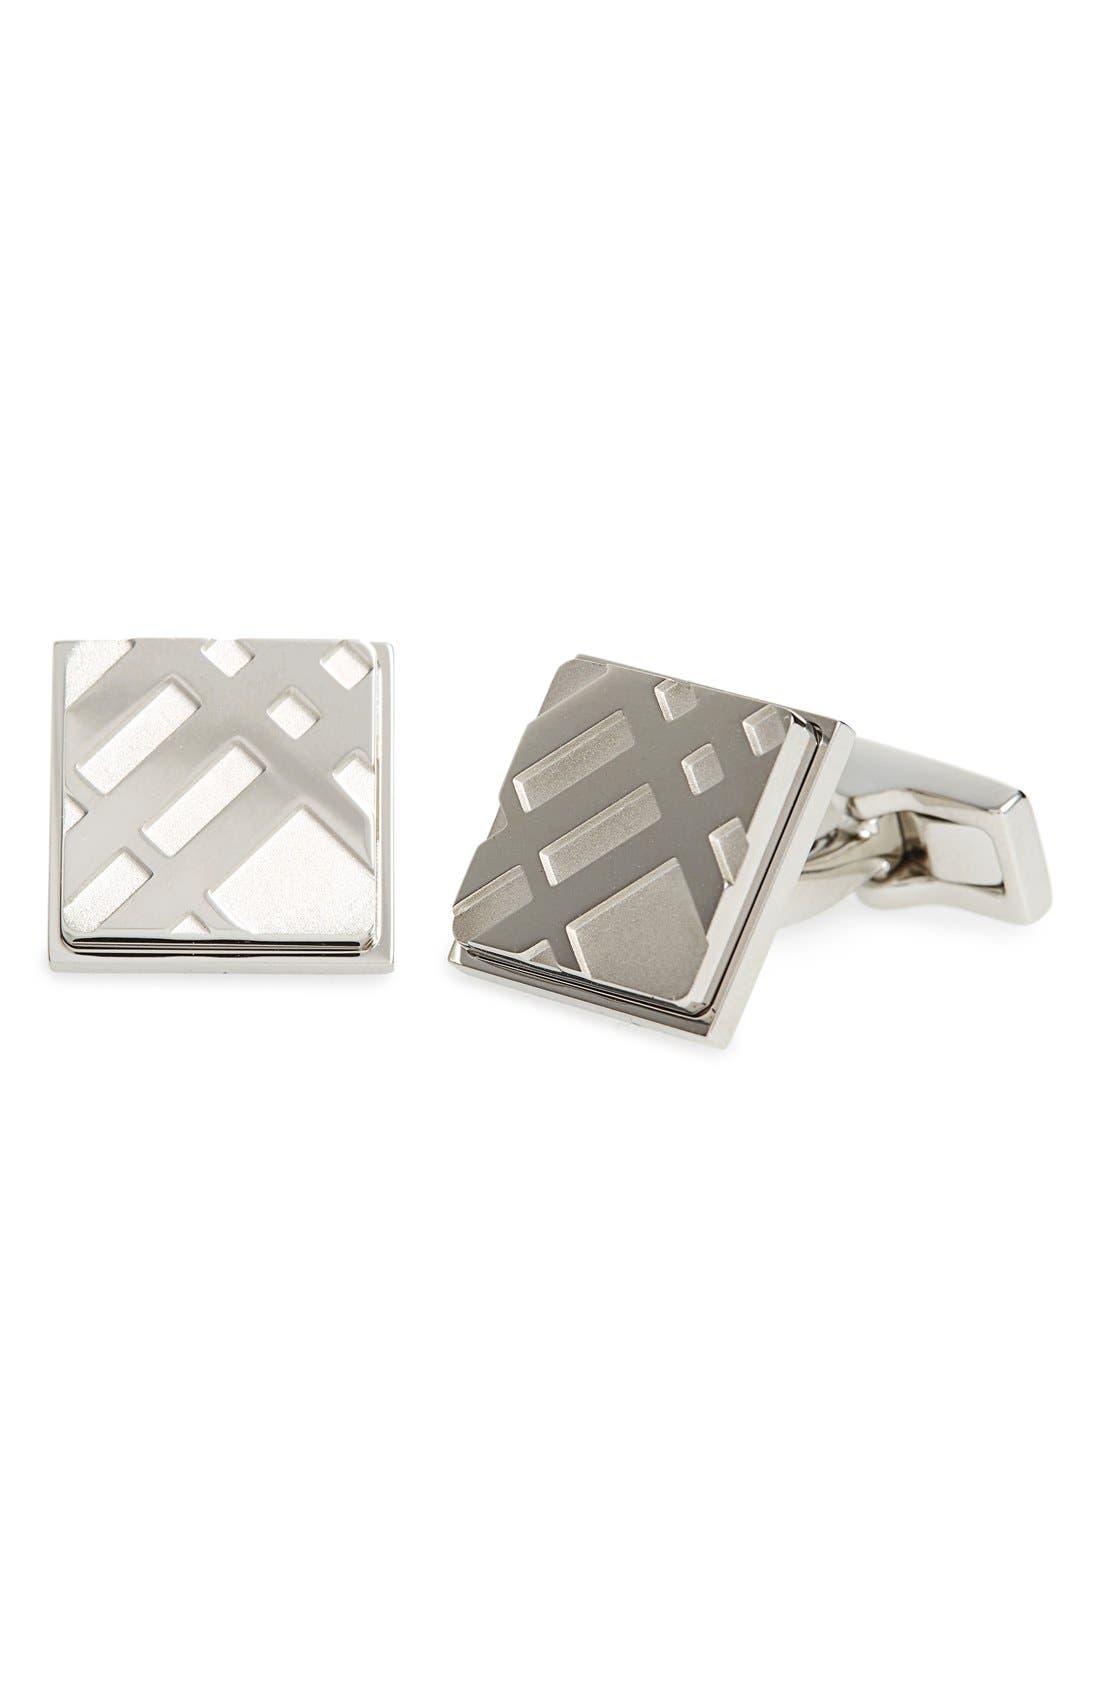 Square Cuff Links,                         Main,                         color, Silver